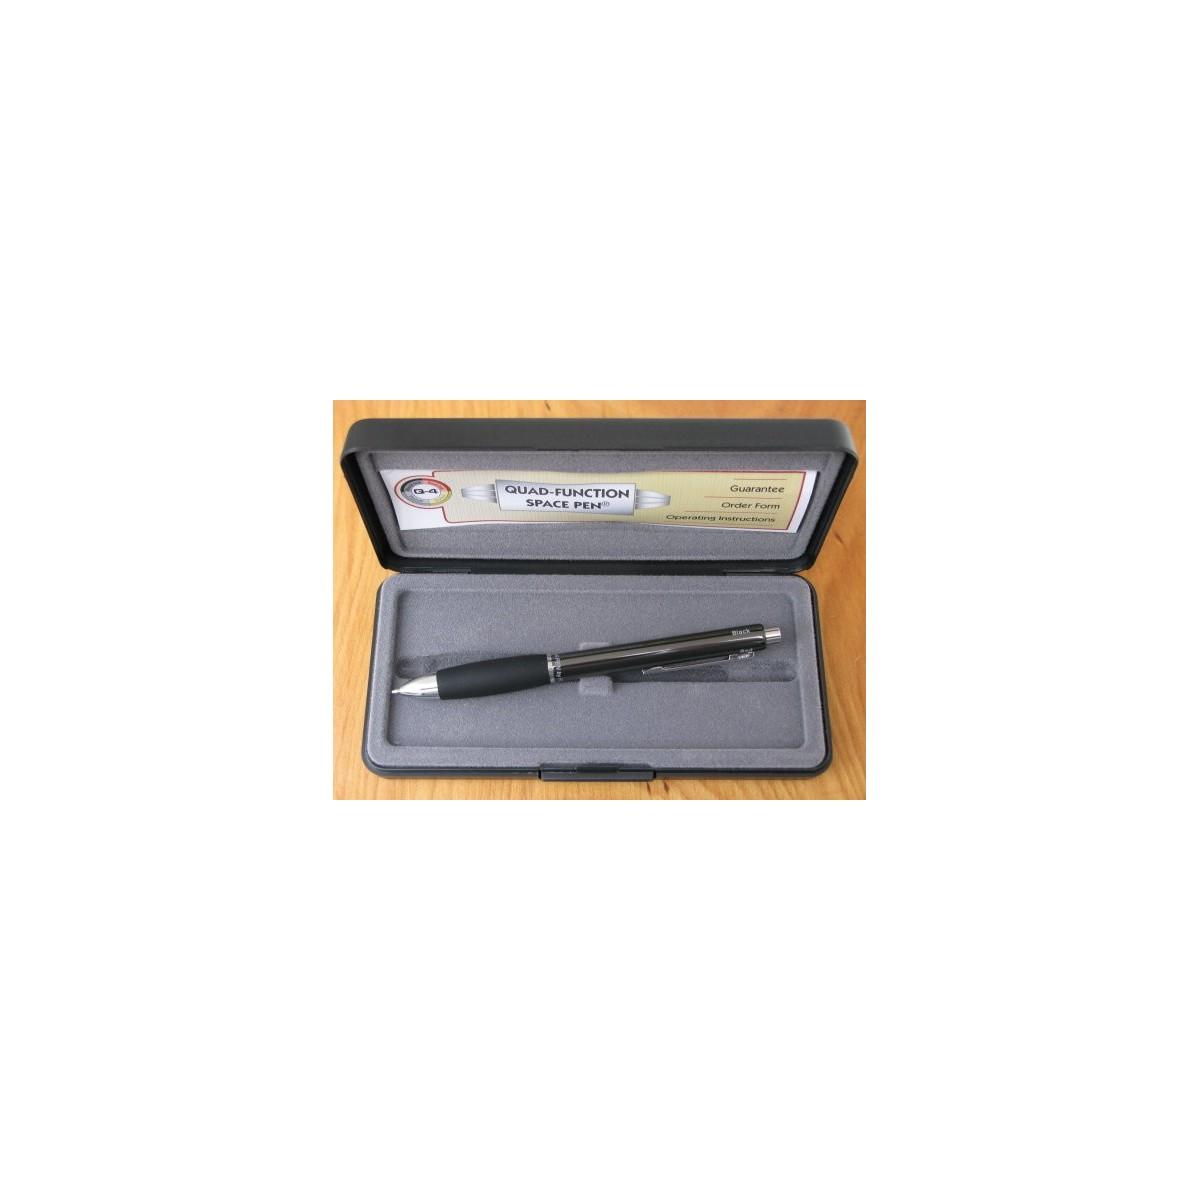 ปากกาน้ำหมึกพิเศษควบคุมแรงดัน Fisher Space Pen Q4 Quad-Function Space Pen